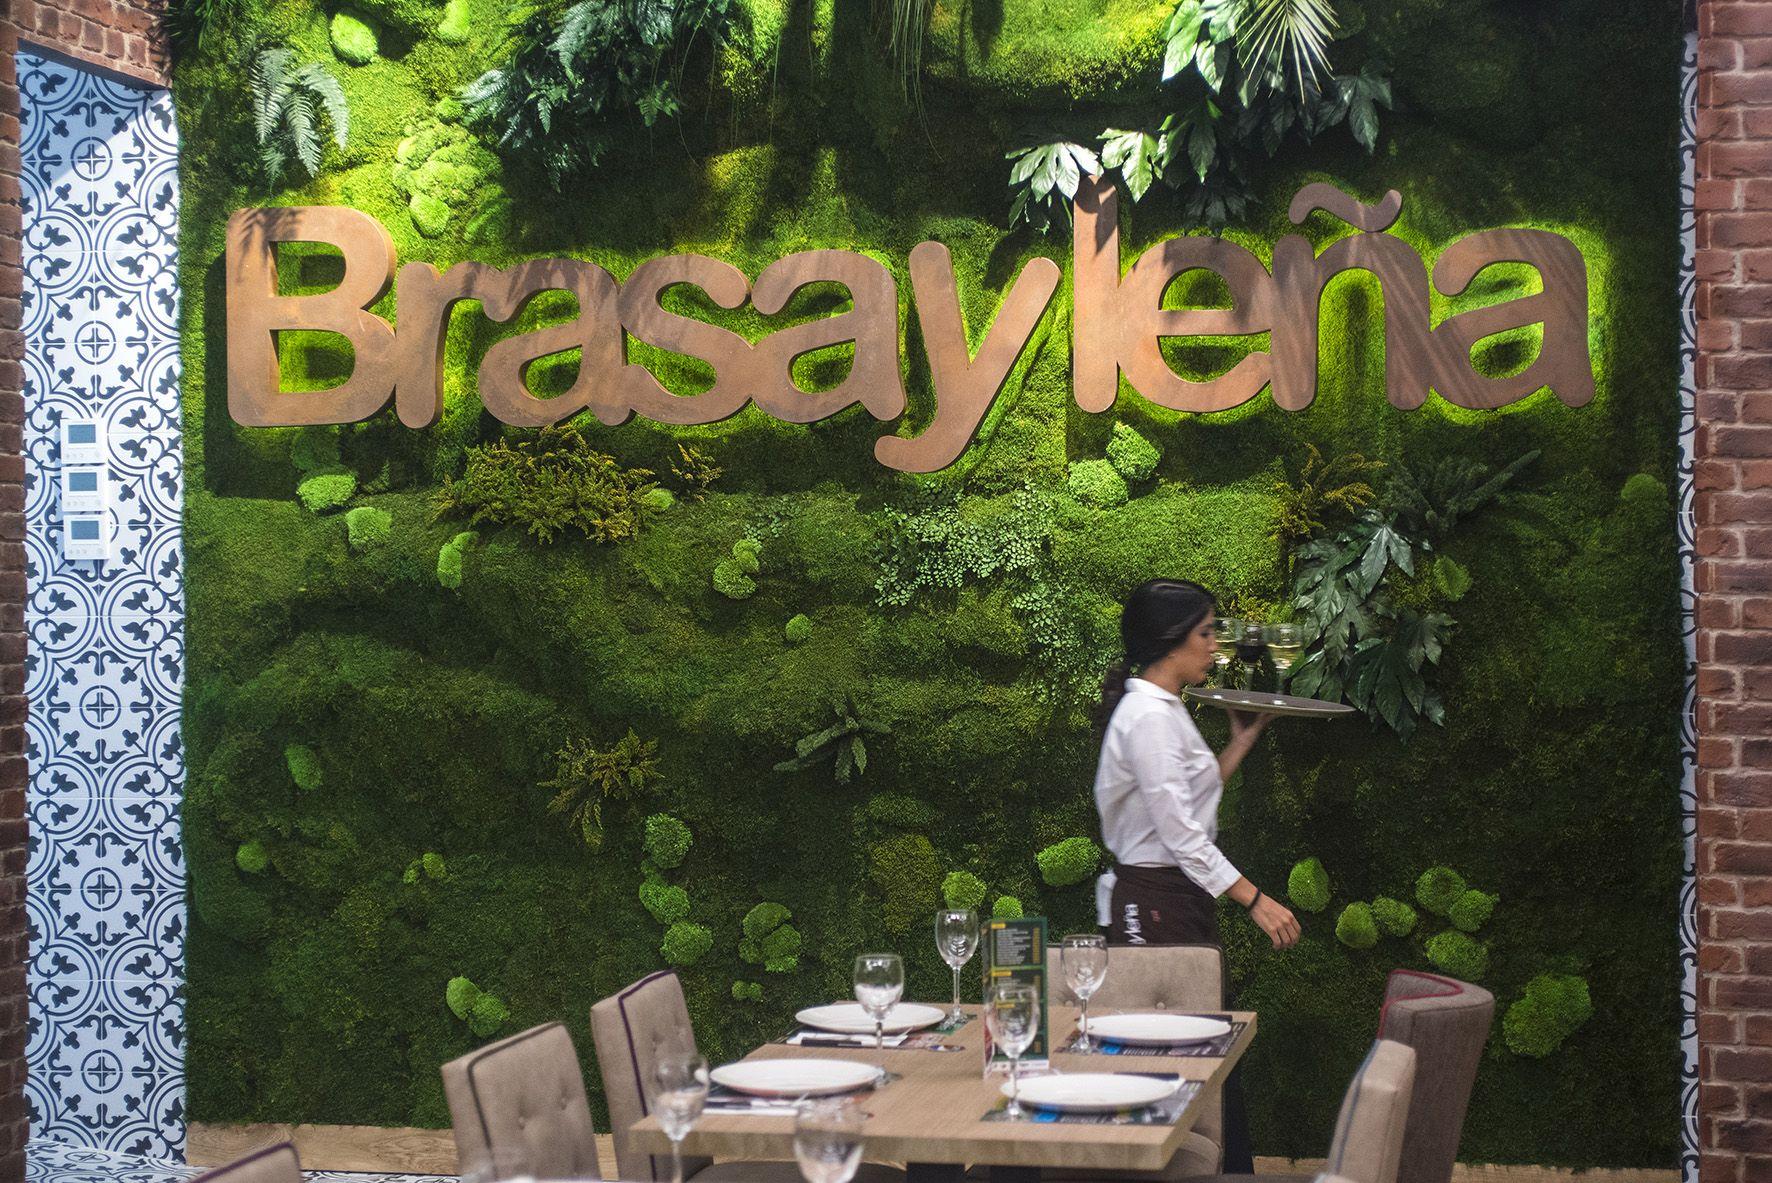 BrasayLeña, la cadena que popularizó la picanha en nuestro país